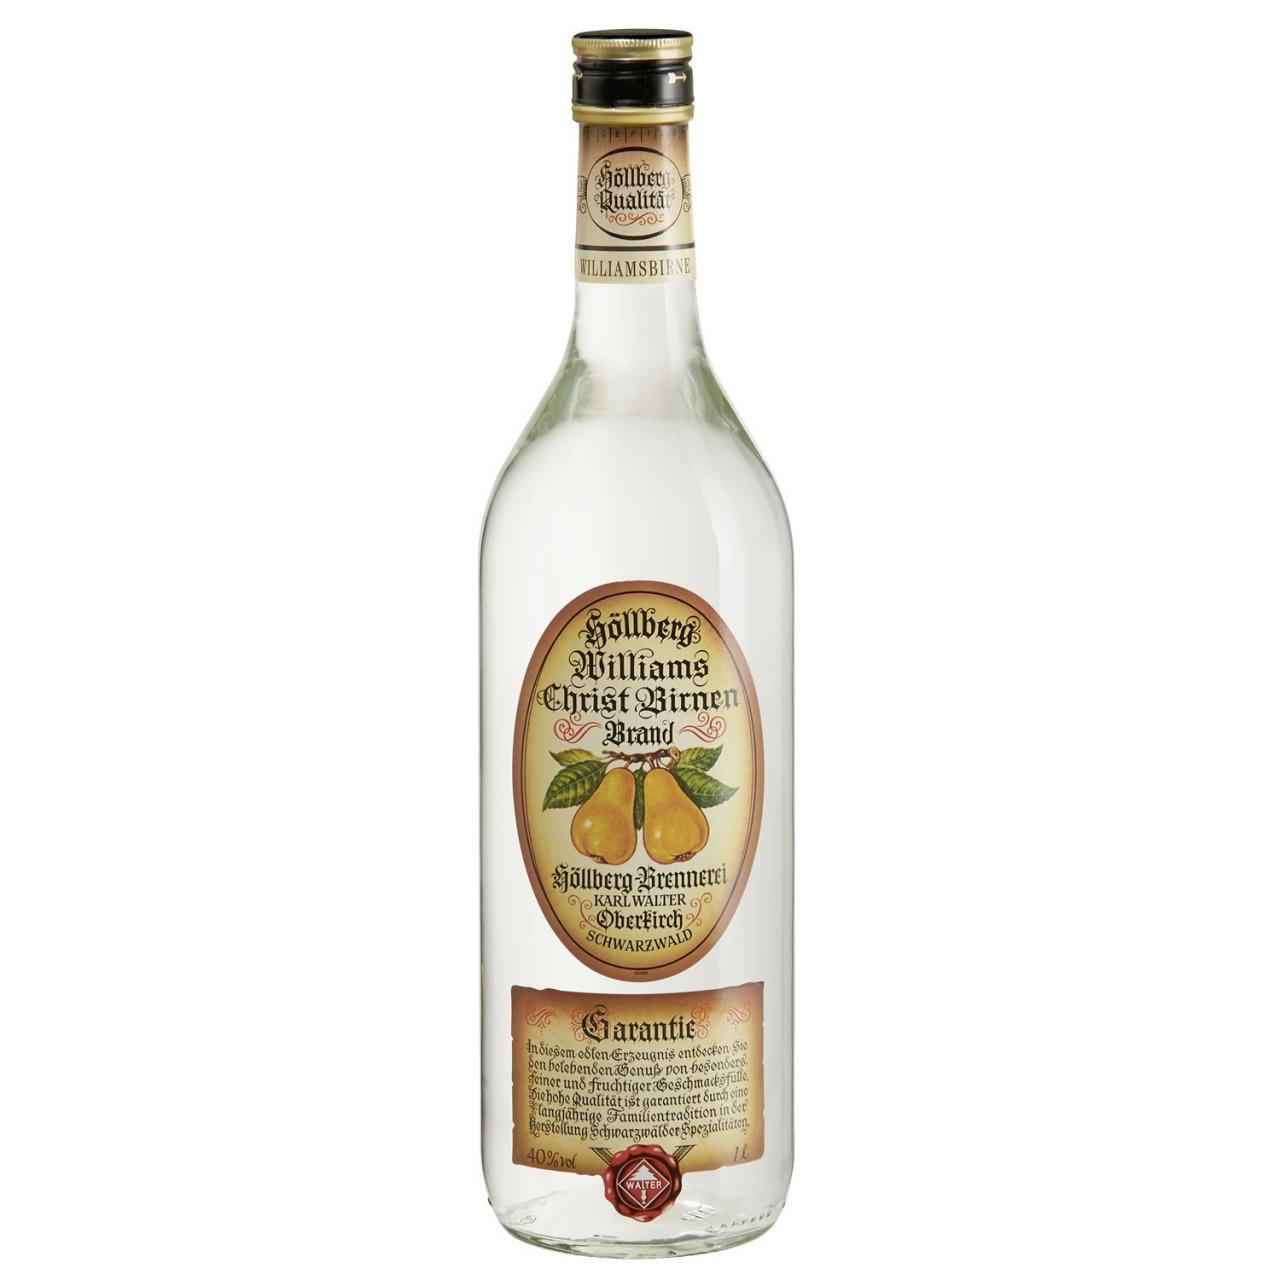 1,0 Liter Flasche Höllberg Williams-Brand